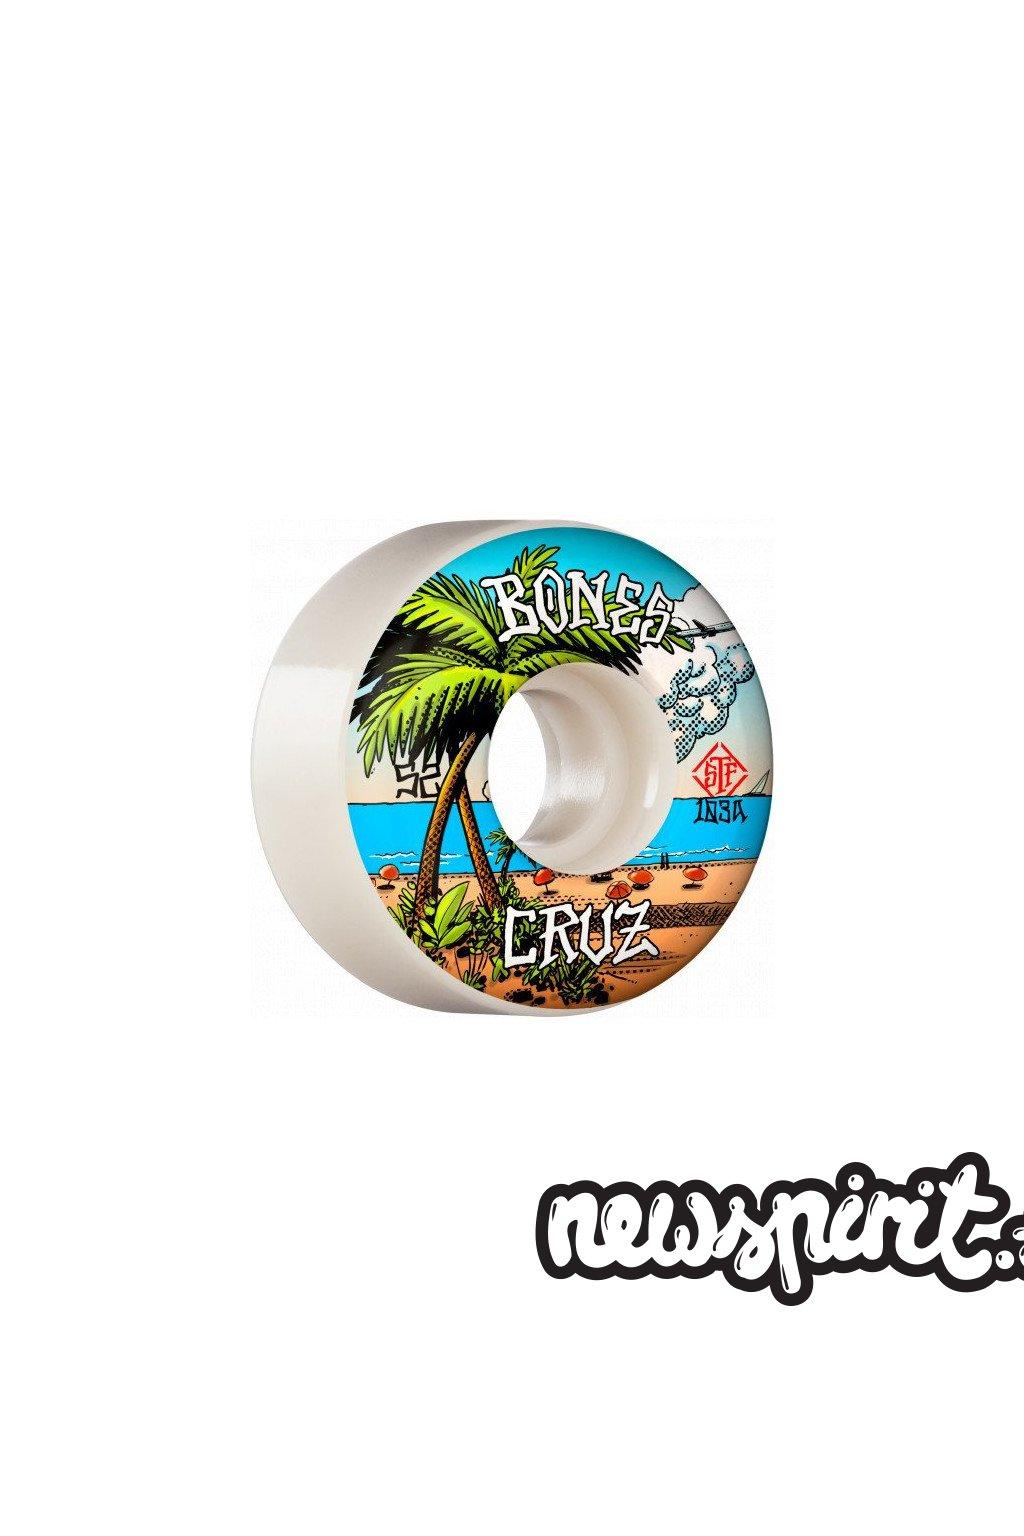 bones wheels buena vida 52v2 1200x1200